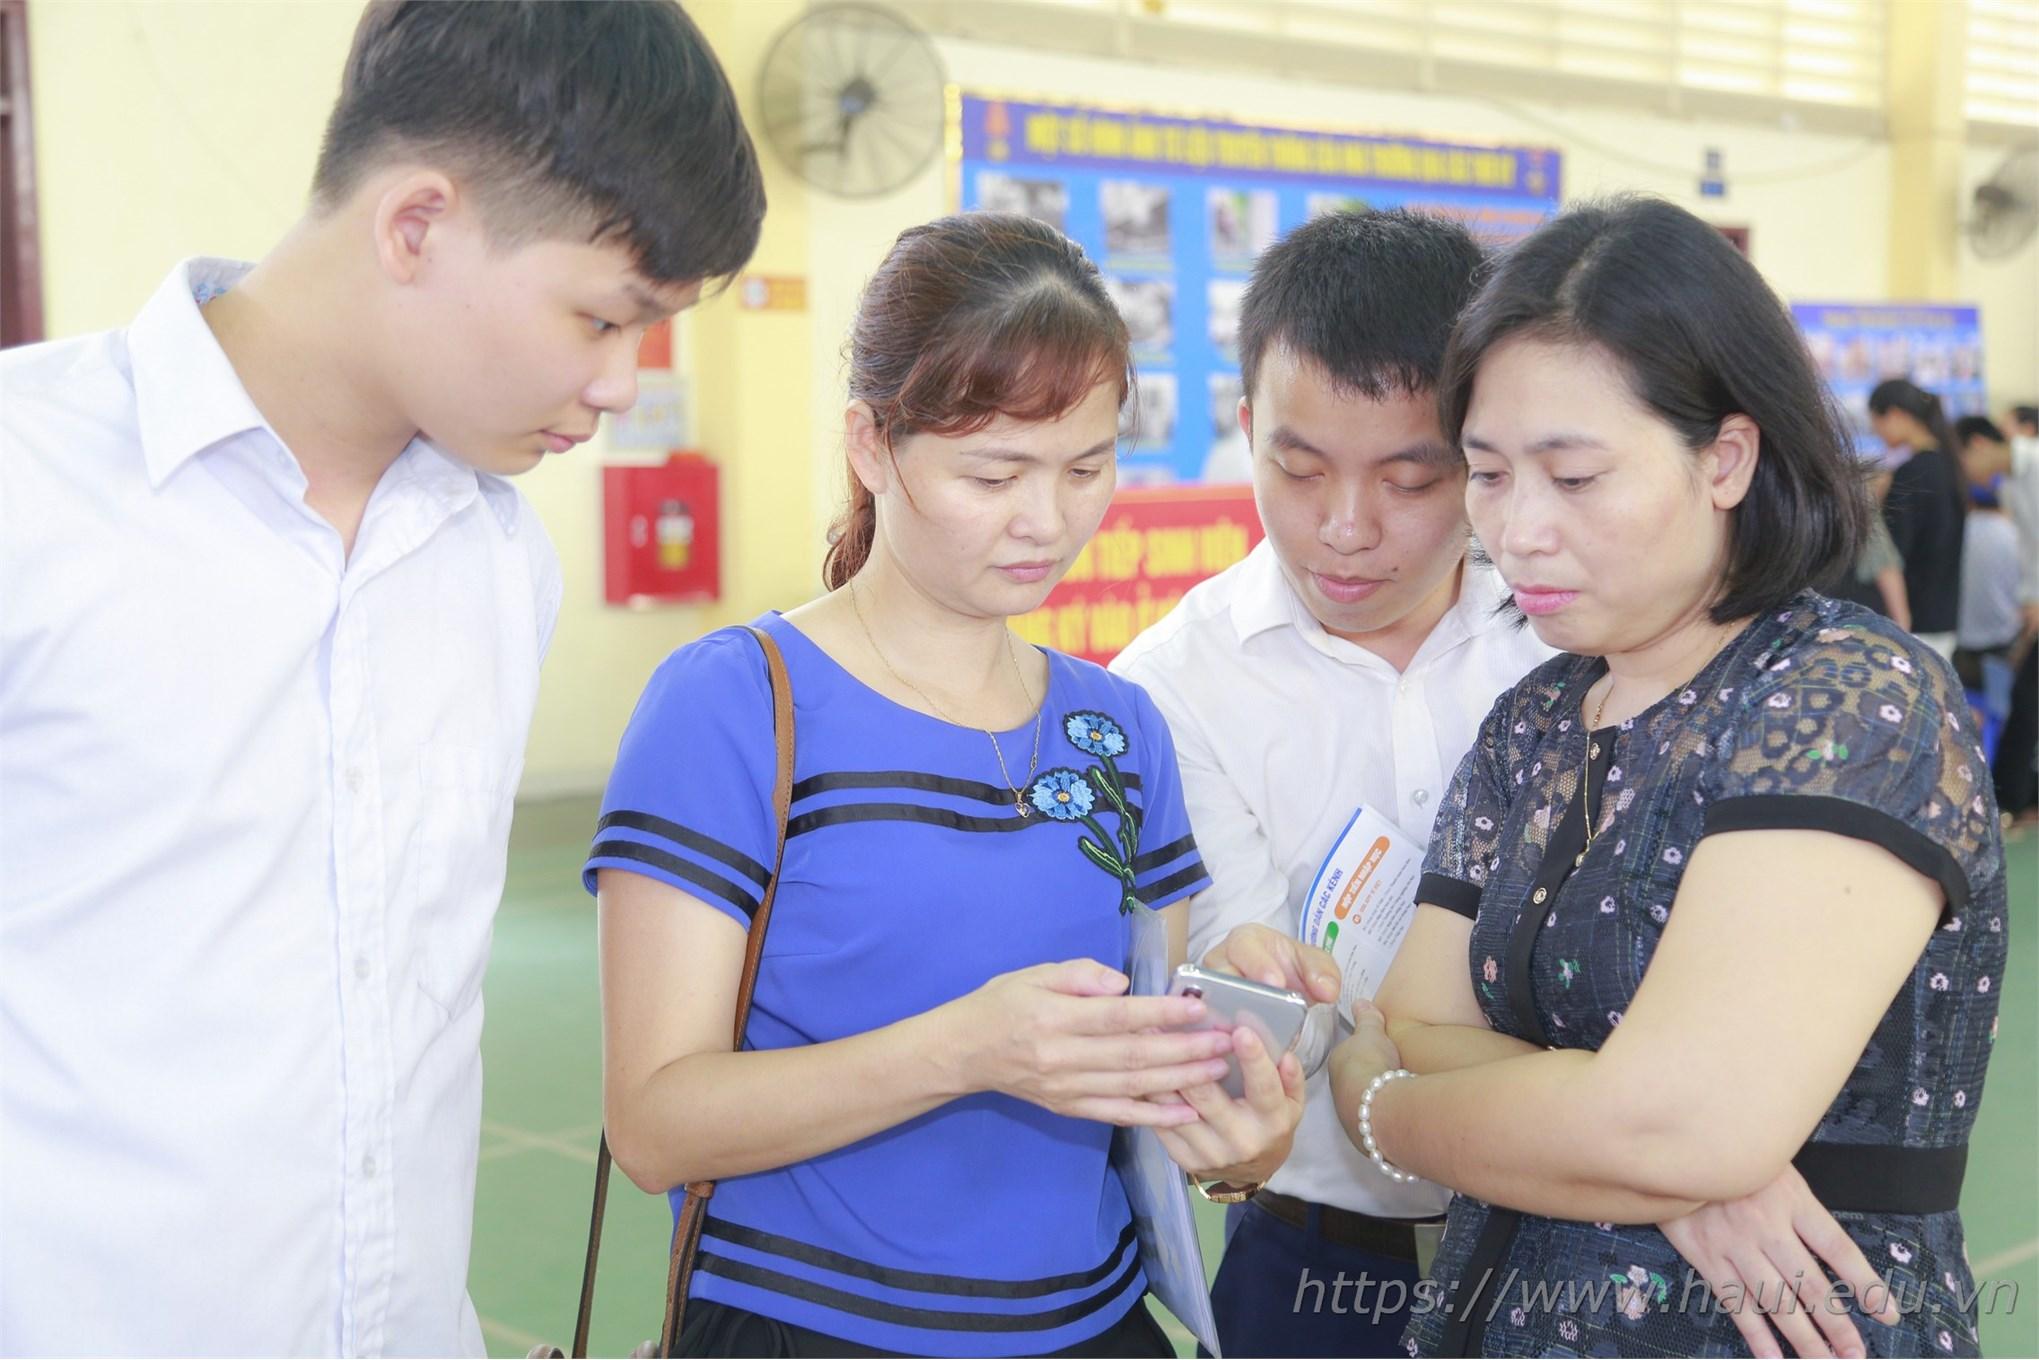 Thí sinh đăng ký xác nhận nhập học tai Đại học Công nghiệp Hà Nội năm 2019